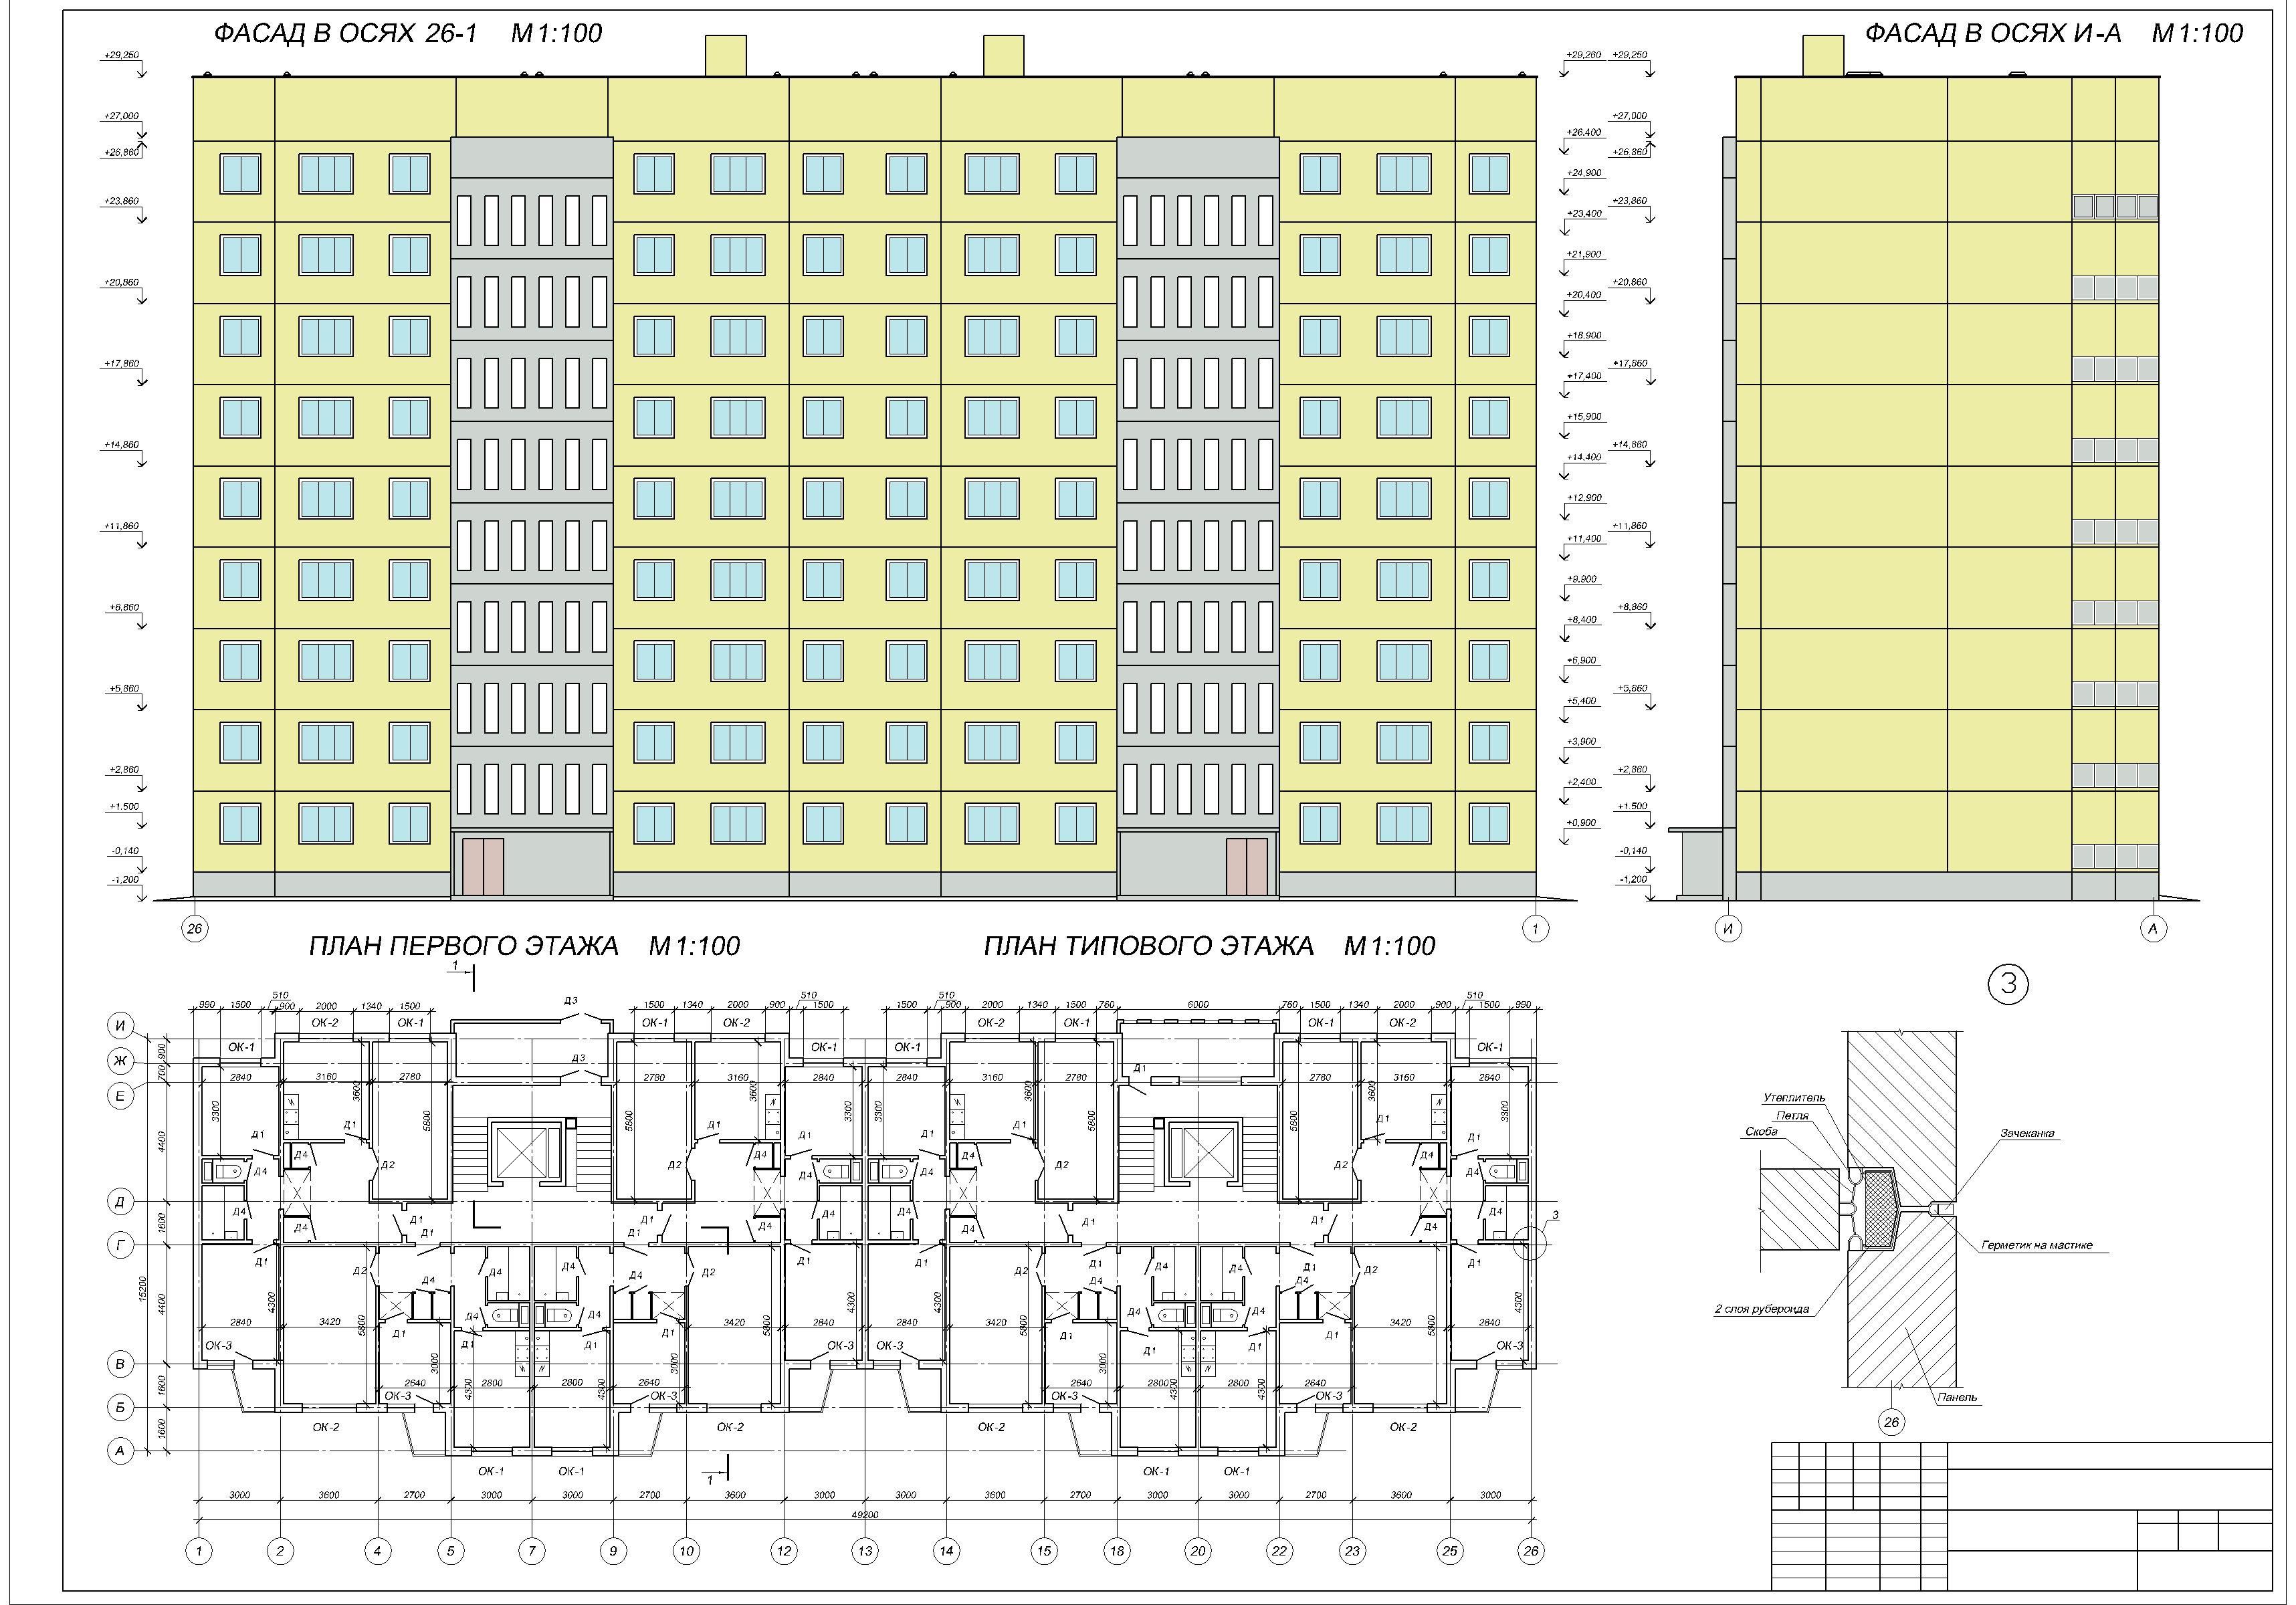 Курсовой проект. девятиэтажное жилое здание. - freelance job.